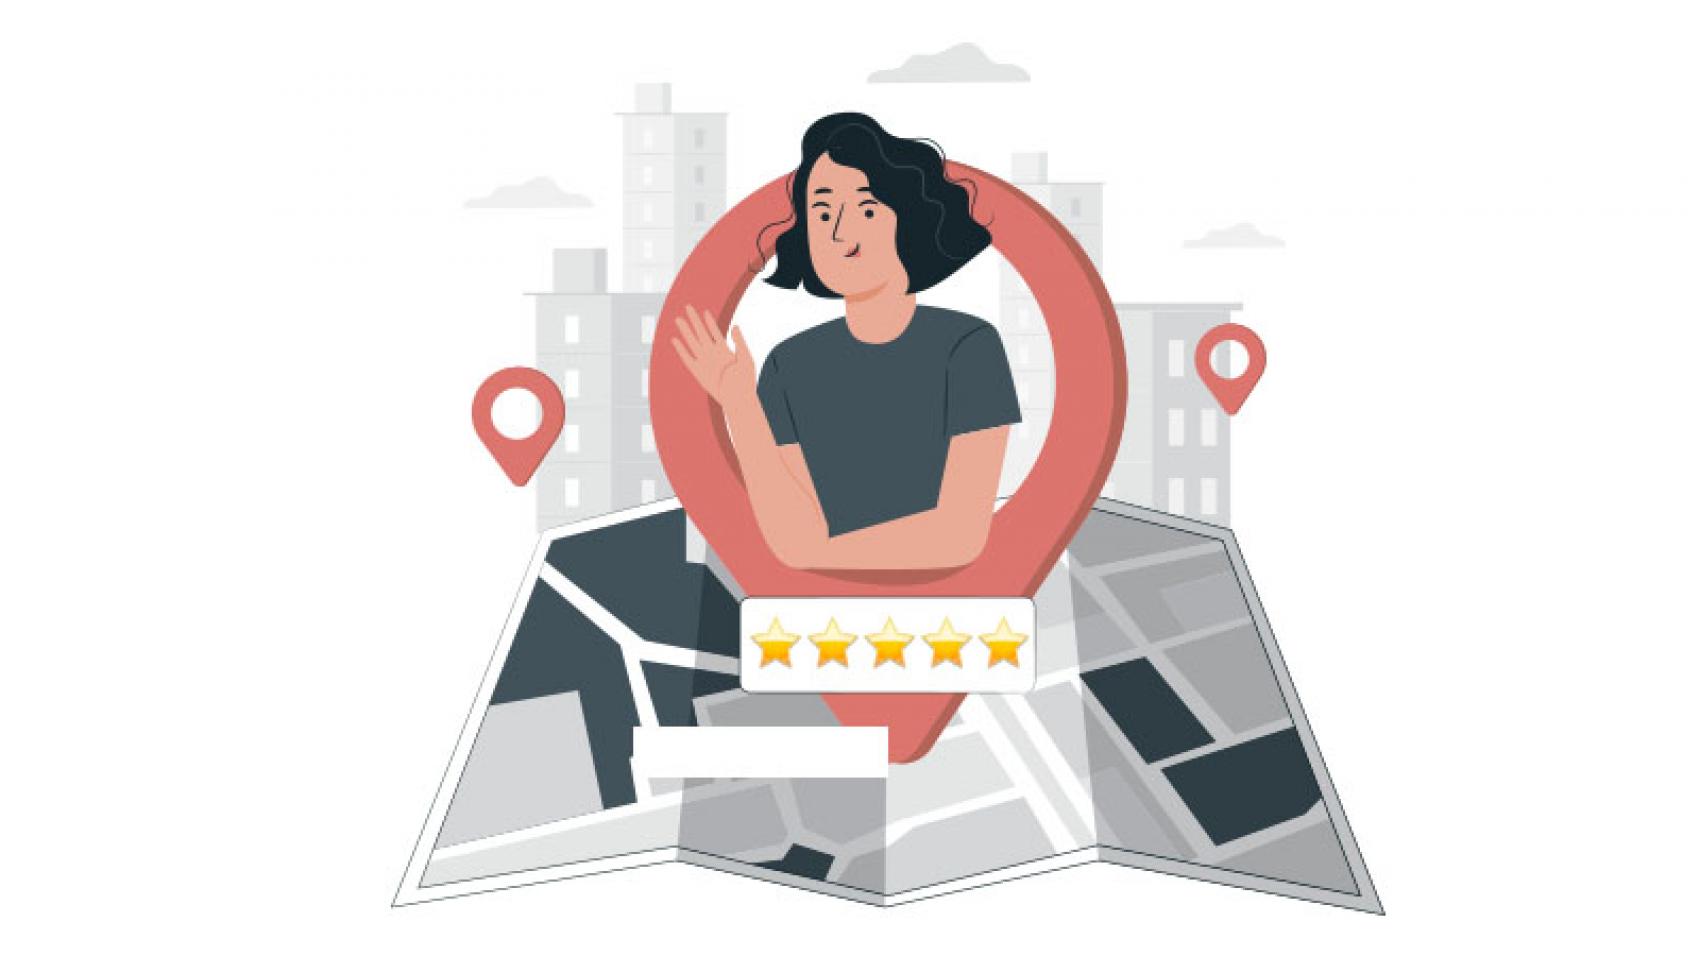 Как использовать картографические сервисы для продвижения бизнеса